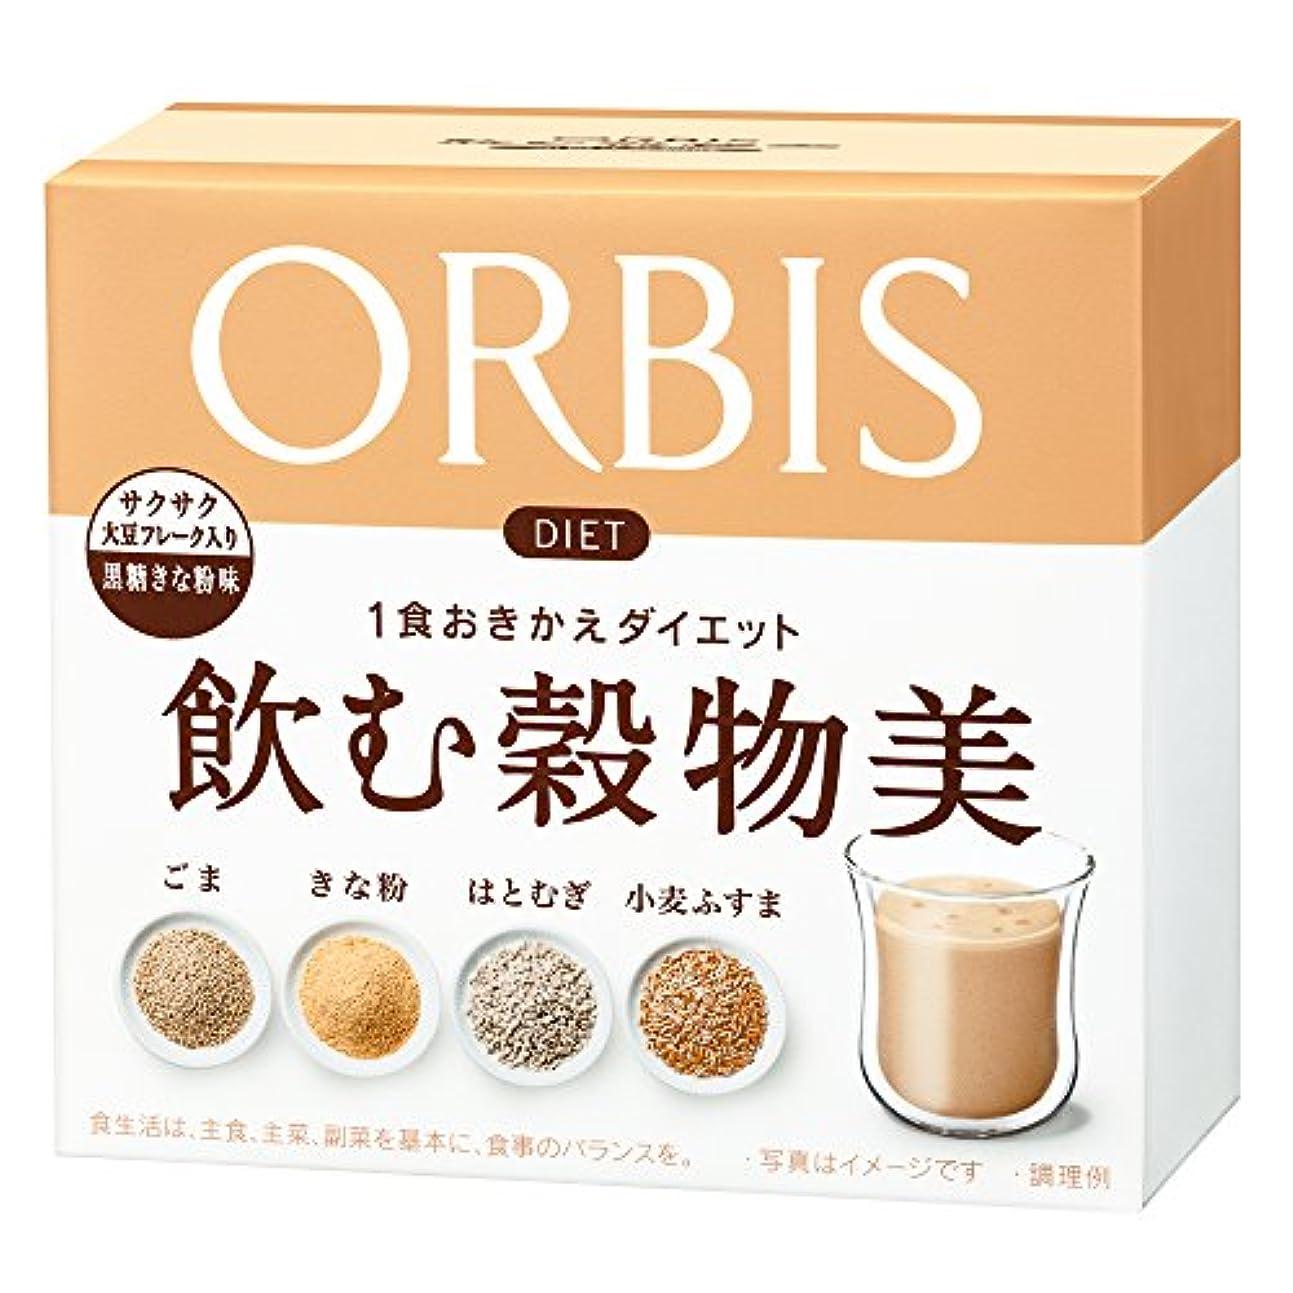 活発比較的傾向がありますオルビス(ORBIS) 飲む穀物美 黒糖きなこ味 7日分(25g×7袋) ◎雑穀ダイエットシェイク◎ 1食分約189kcal